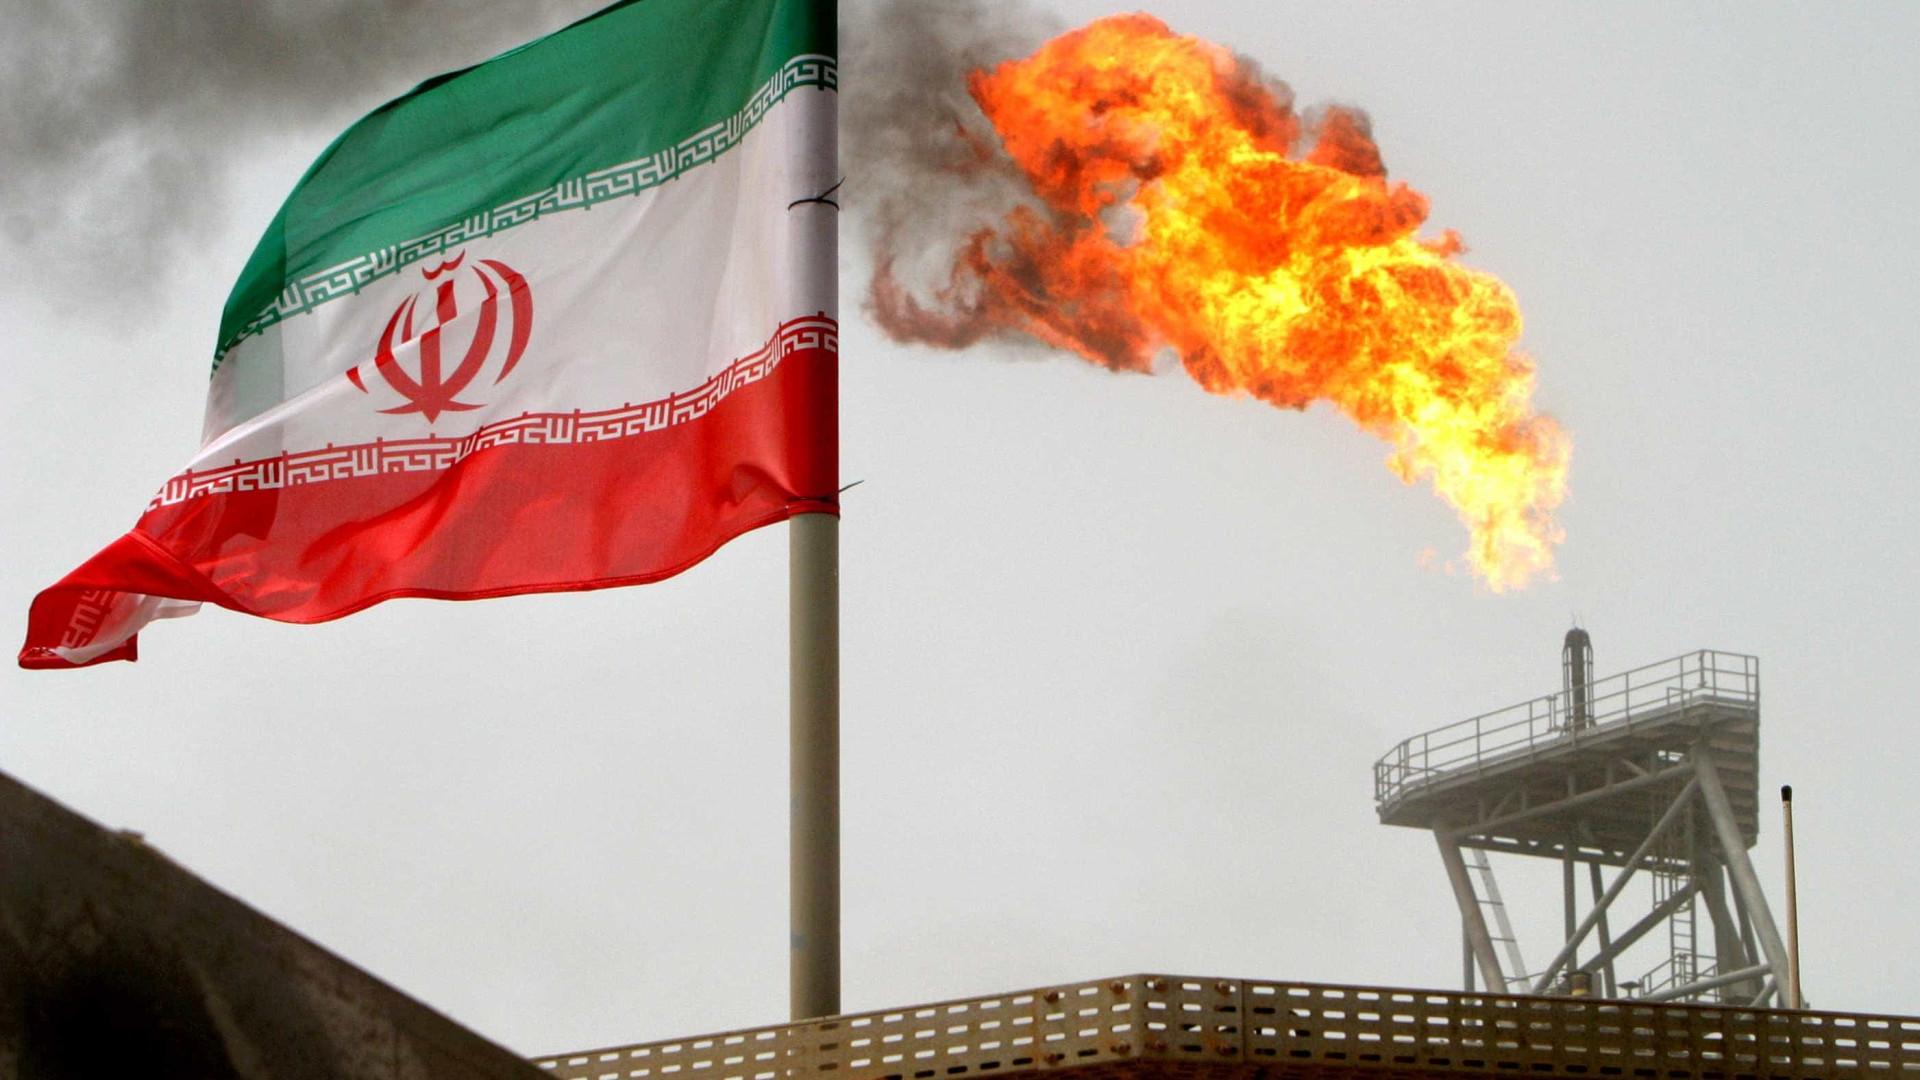 Telegram: Irão levanta bloqueio a serviço de mensagens instantâneas